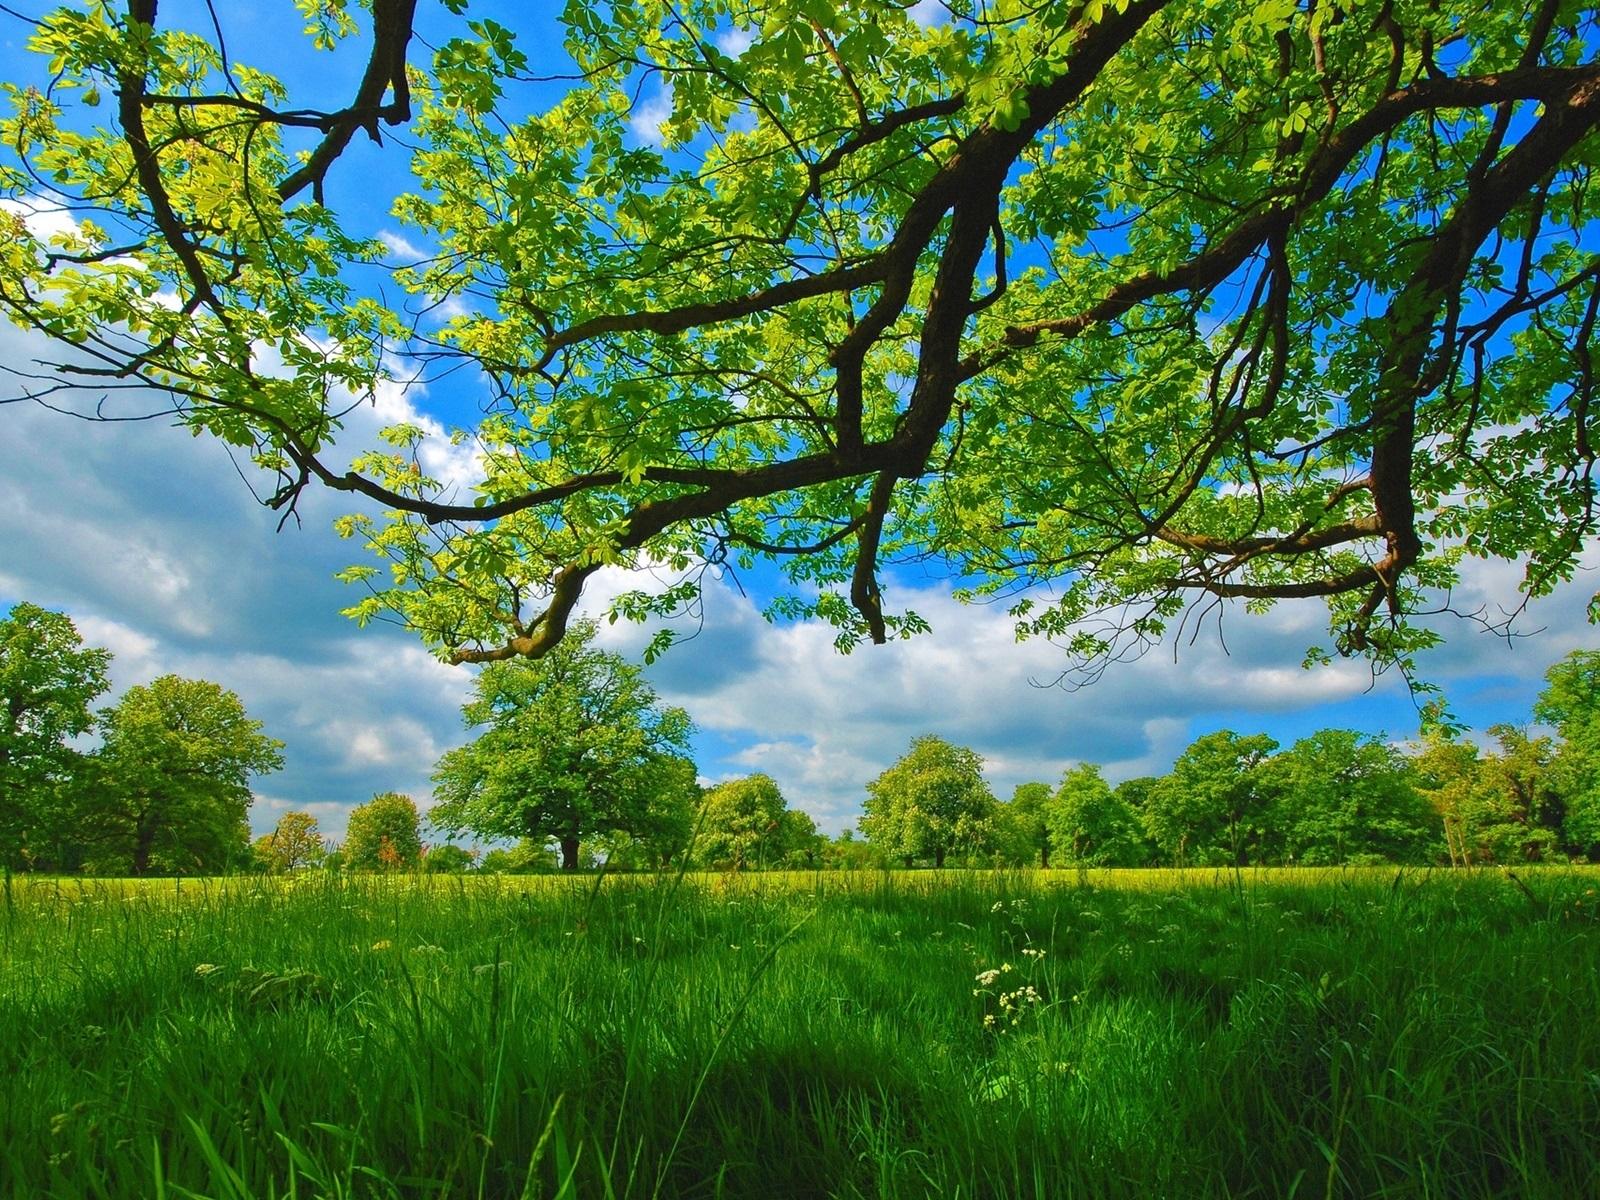 1600 x 1200 summer wallpaper - photo #11